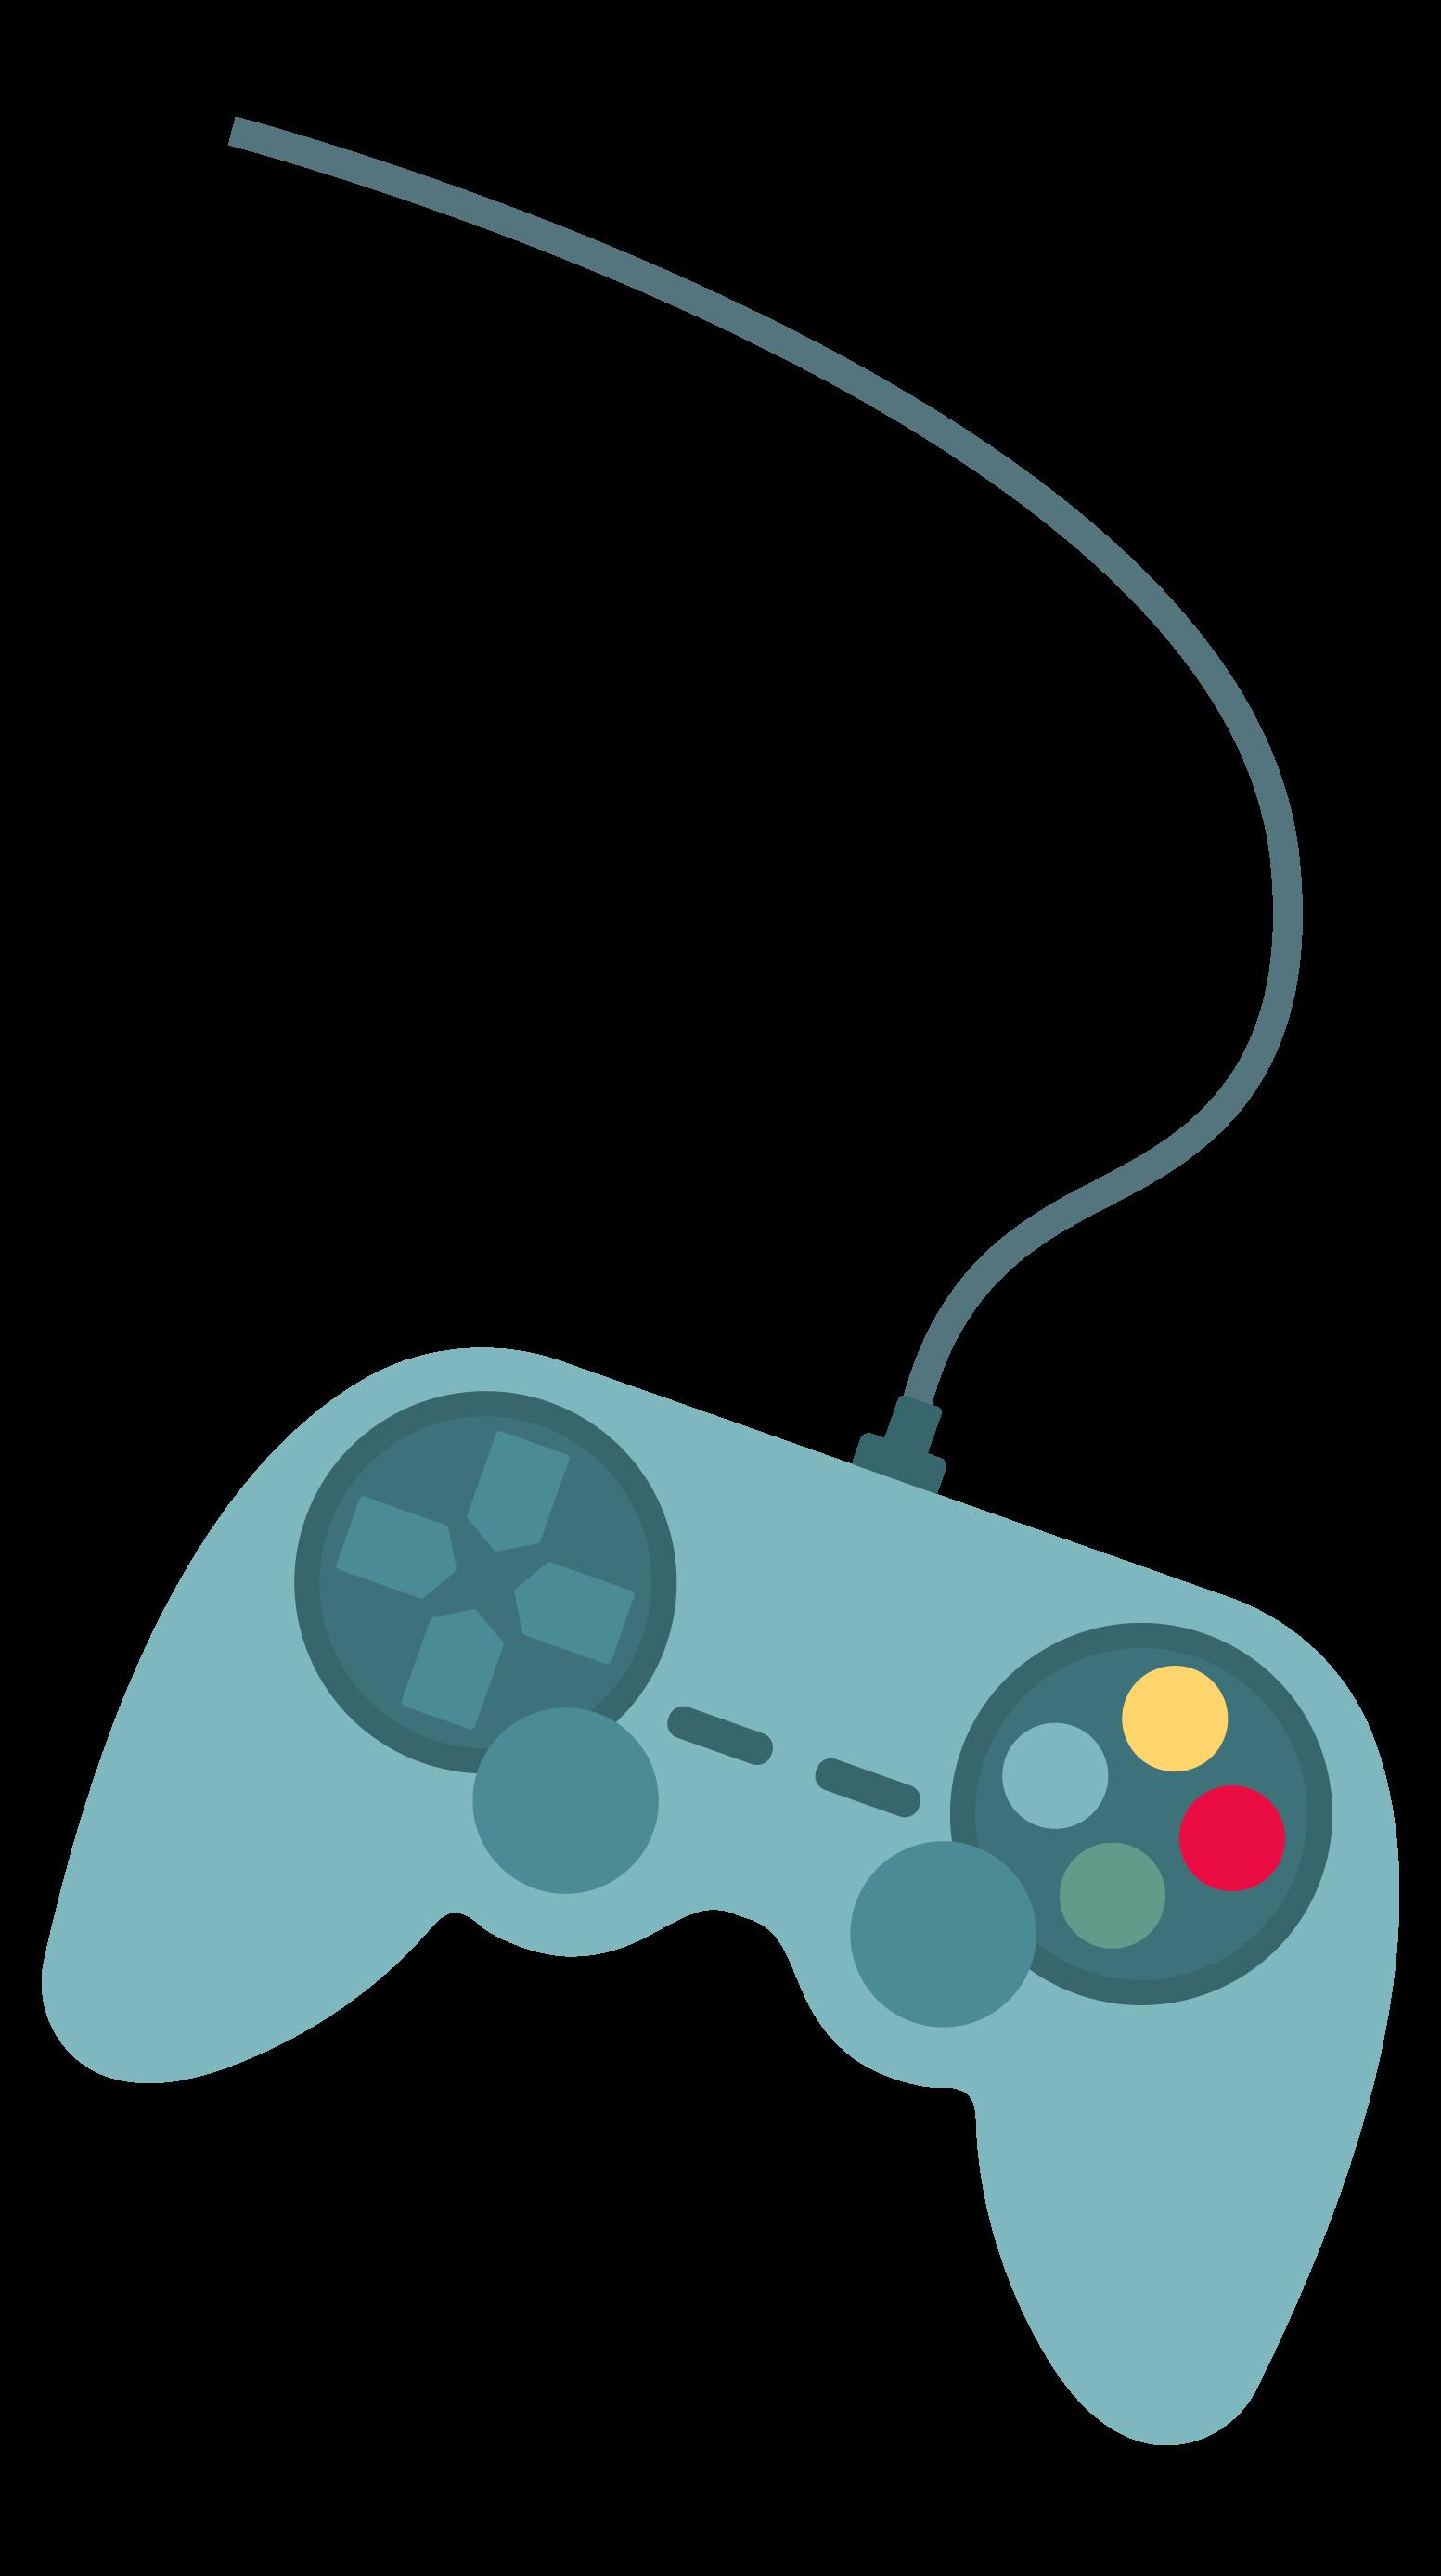 ilustración de mando de consola